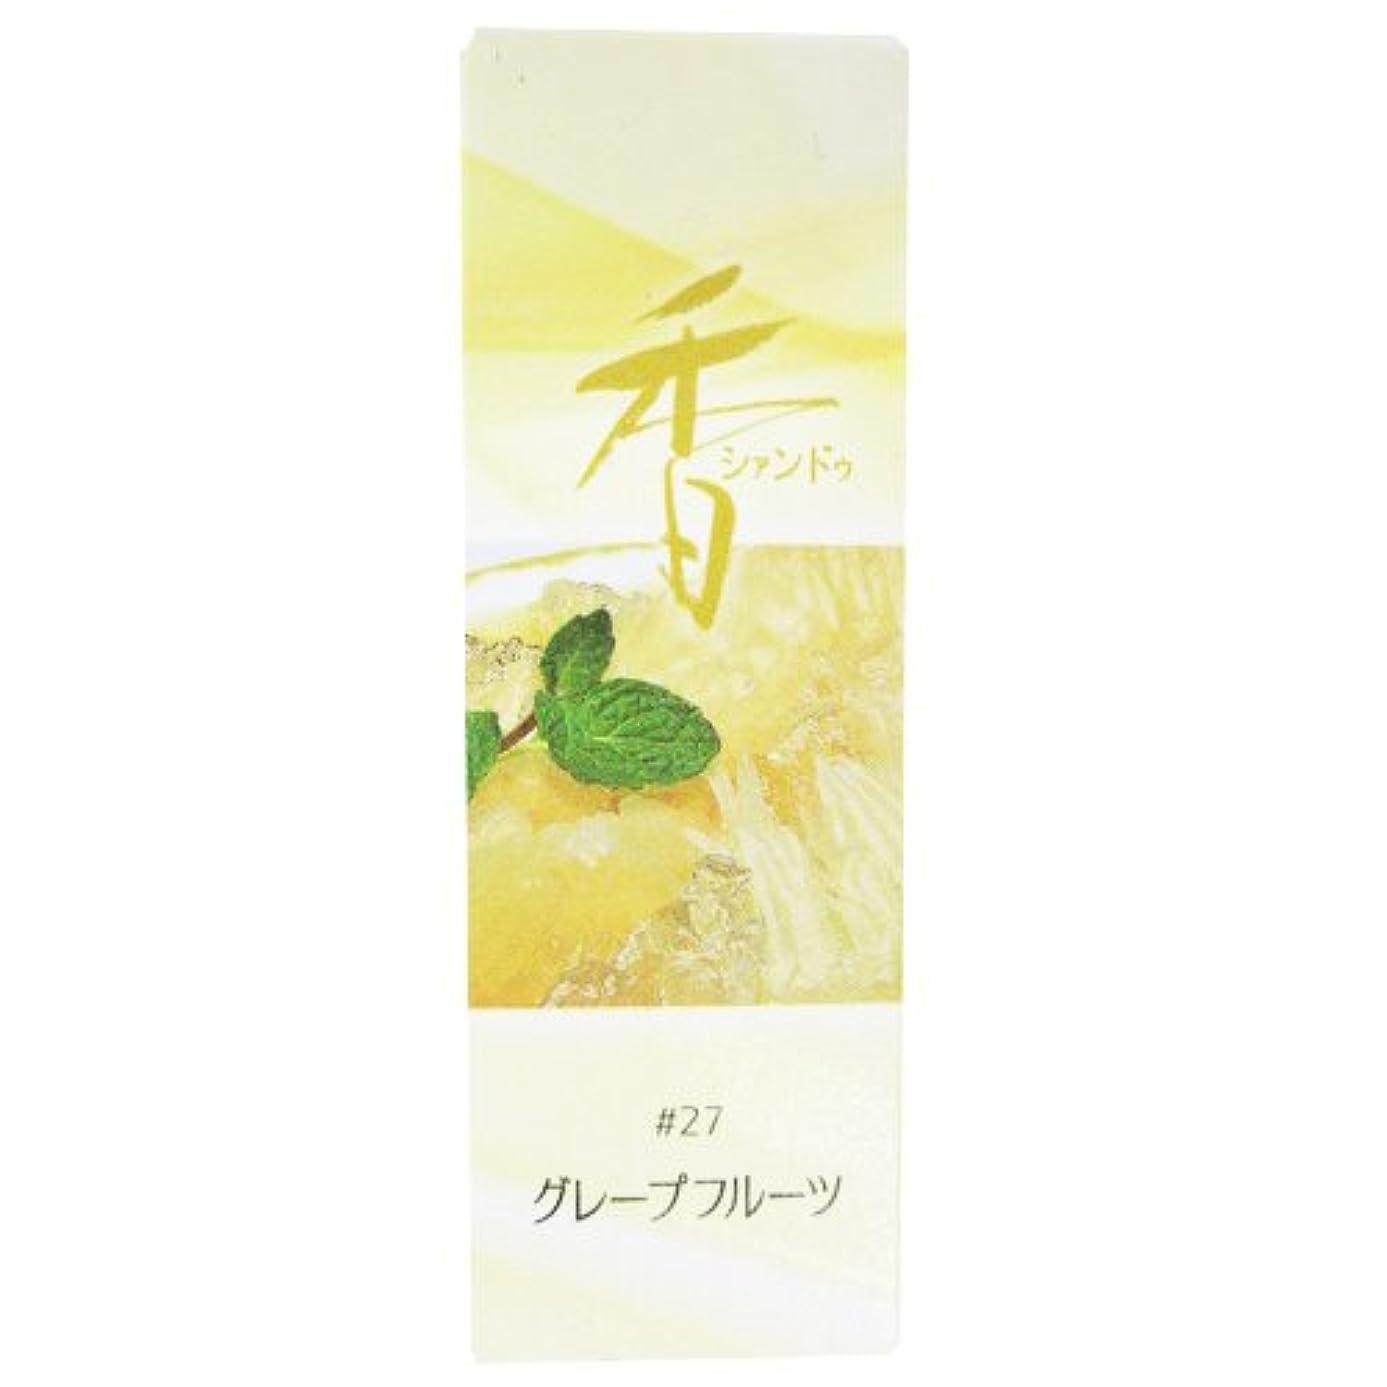 物理葡萄添付松栄堂のお香 Xiang Do(シャンドゥ) グレープフルーツ ST20本入 簡易香立付 #214227